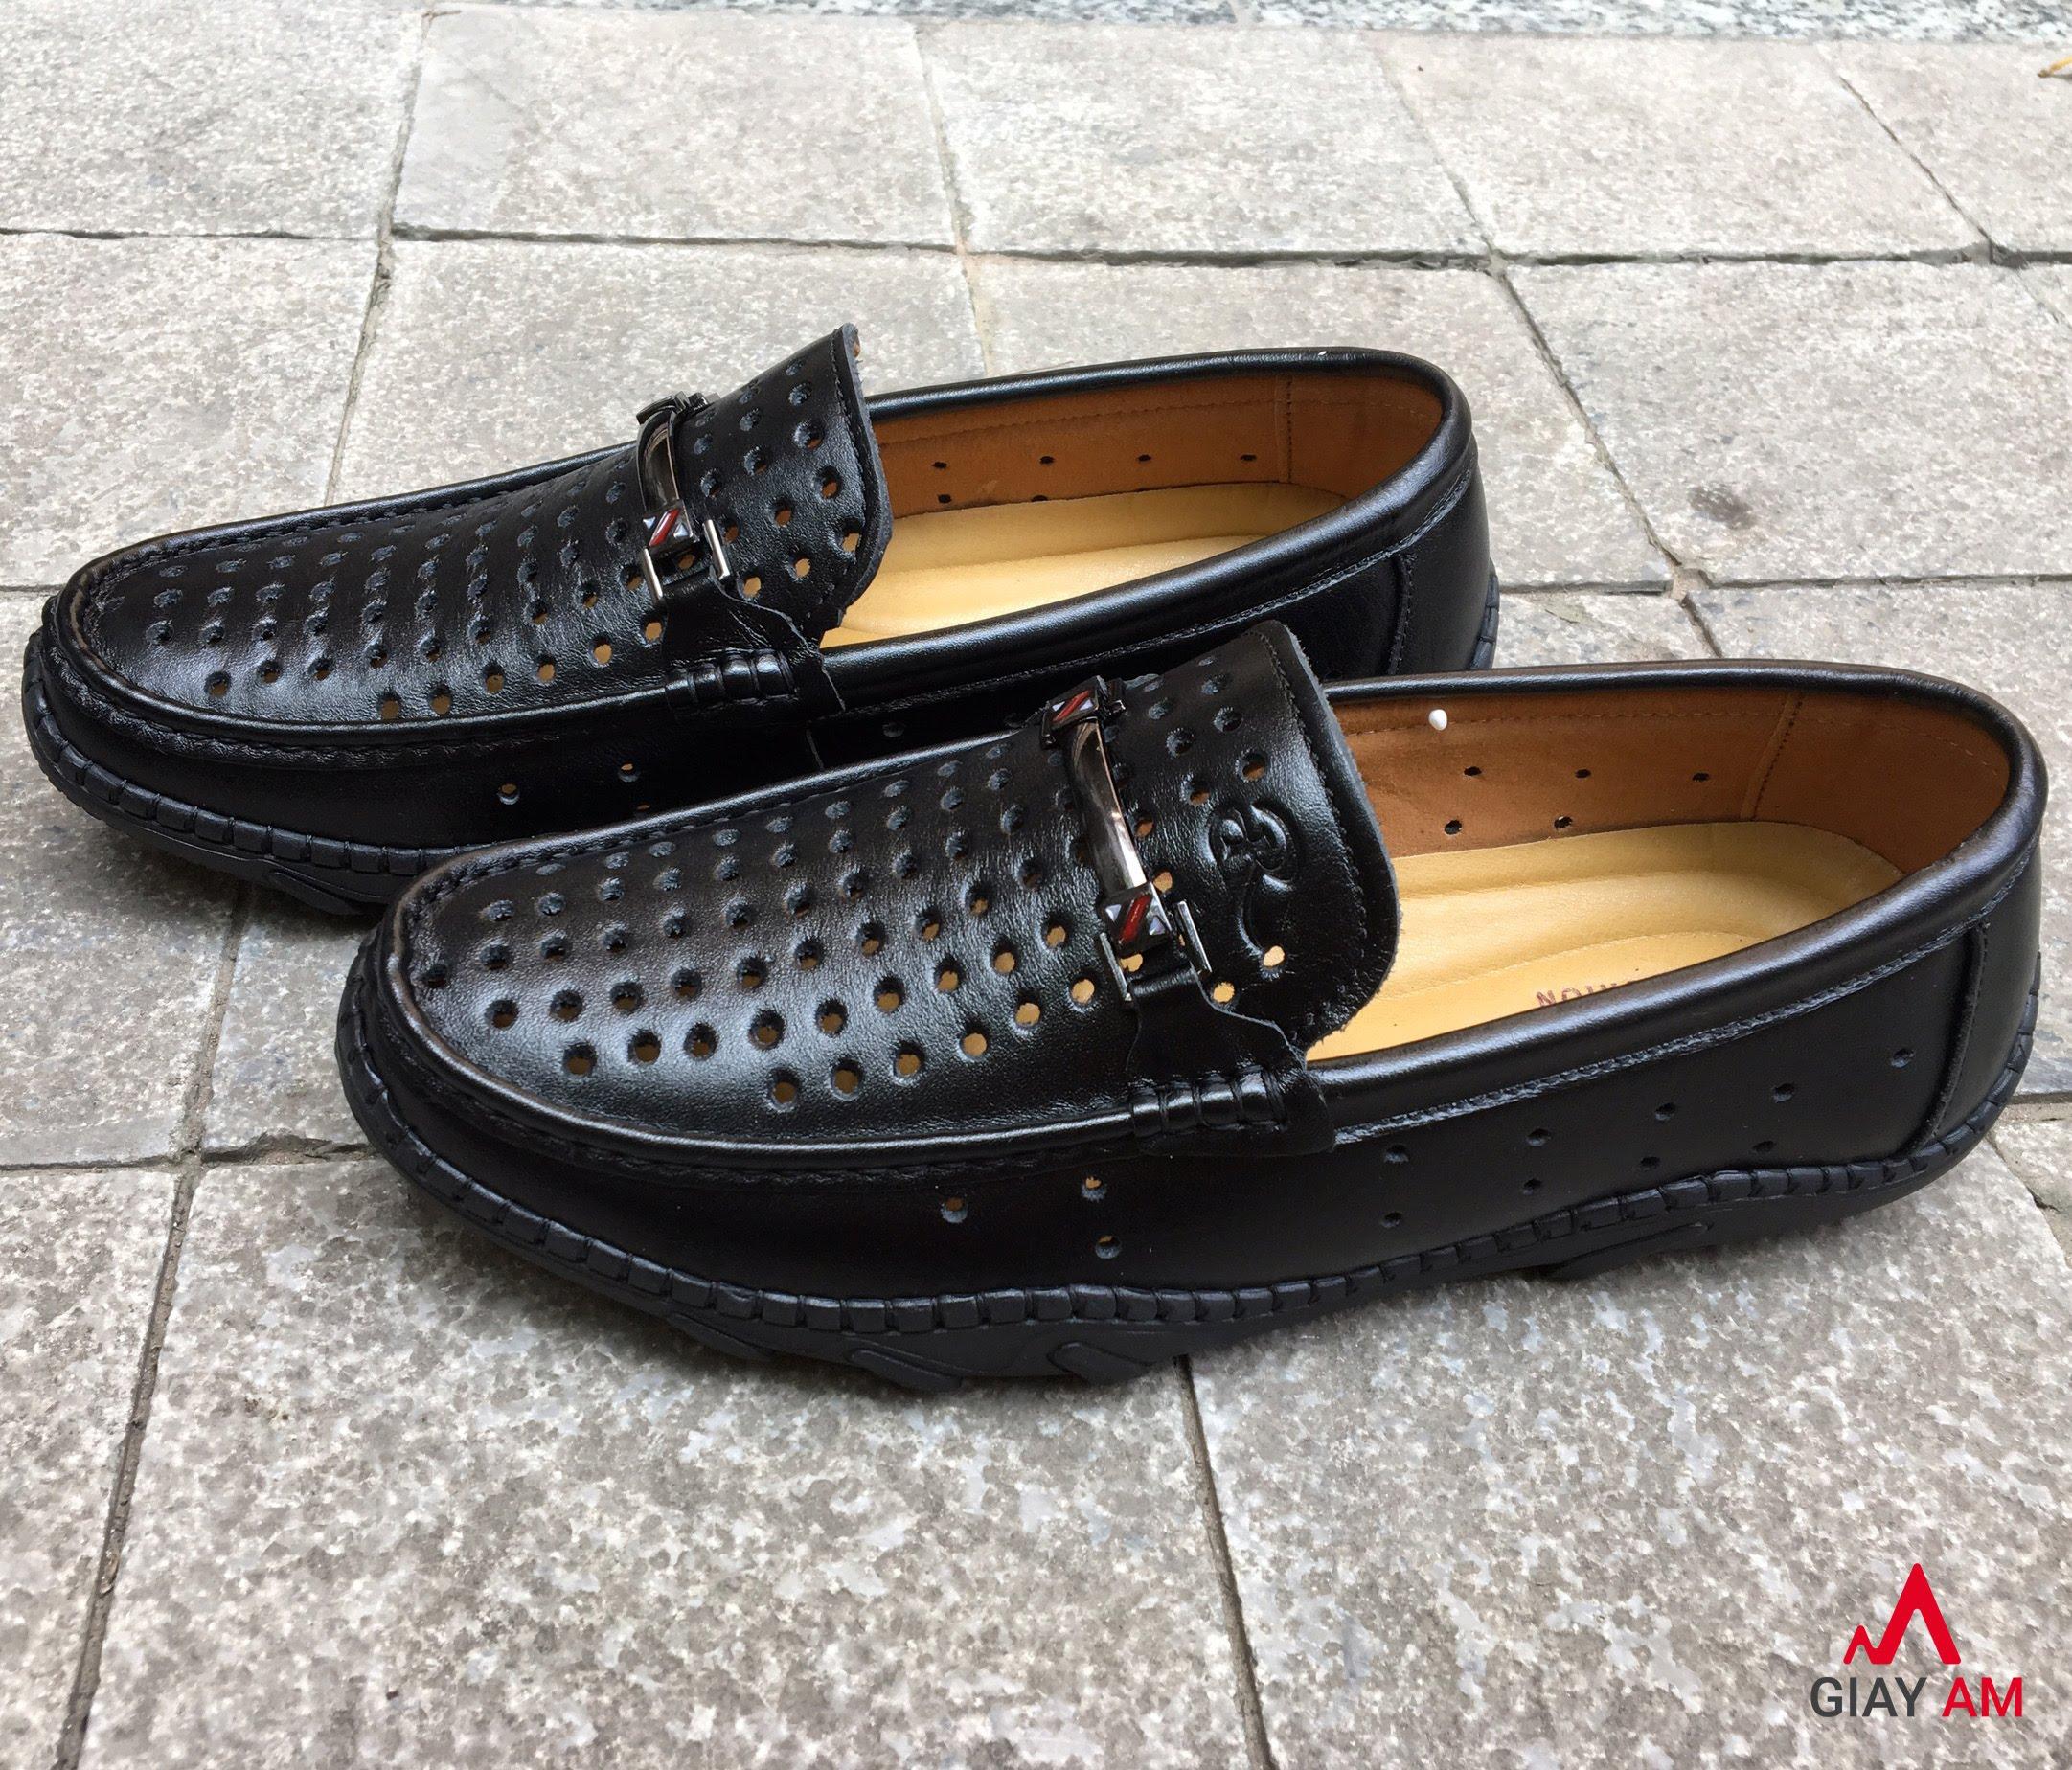 Giày lười lỗ đen đế đúc có chỉ khâu